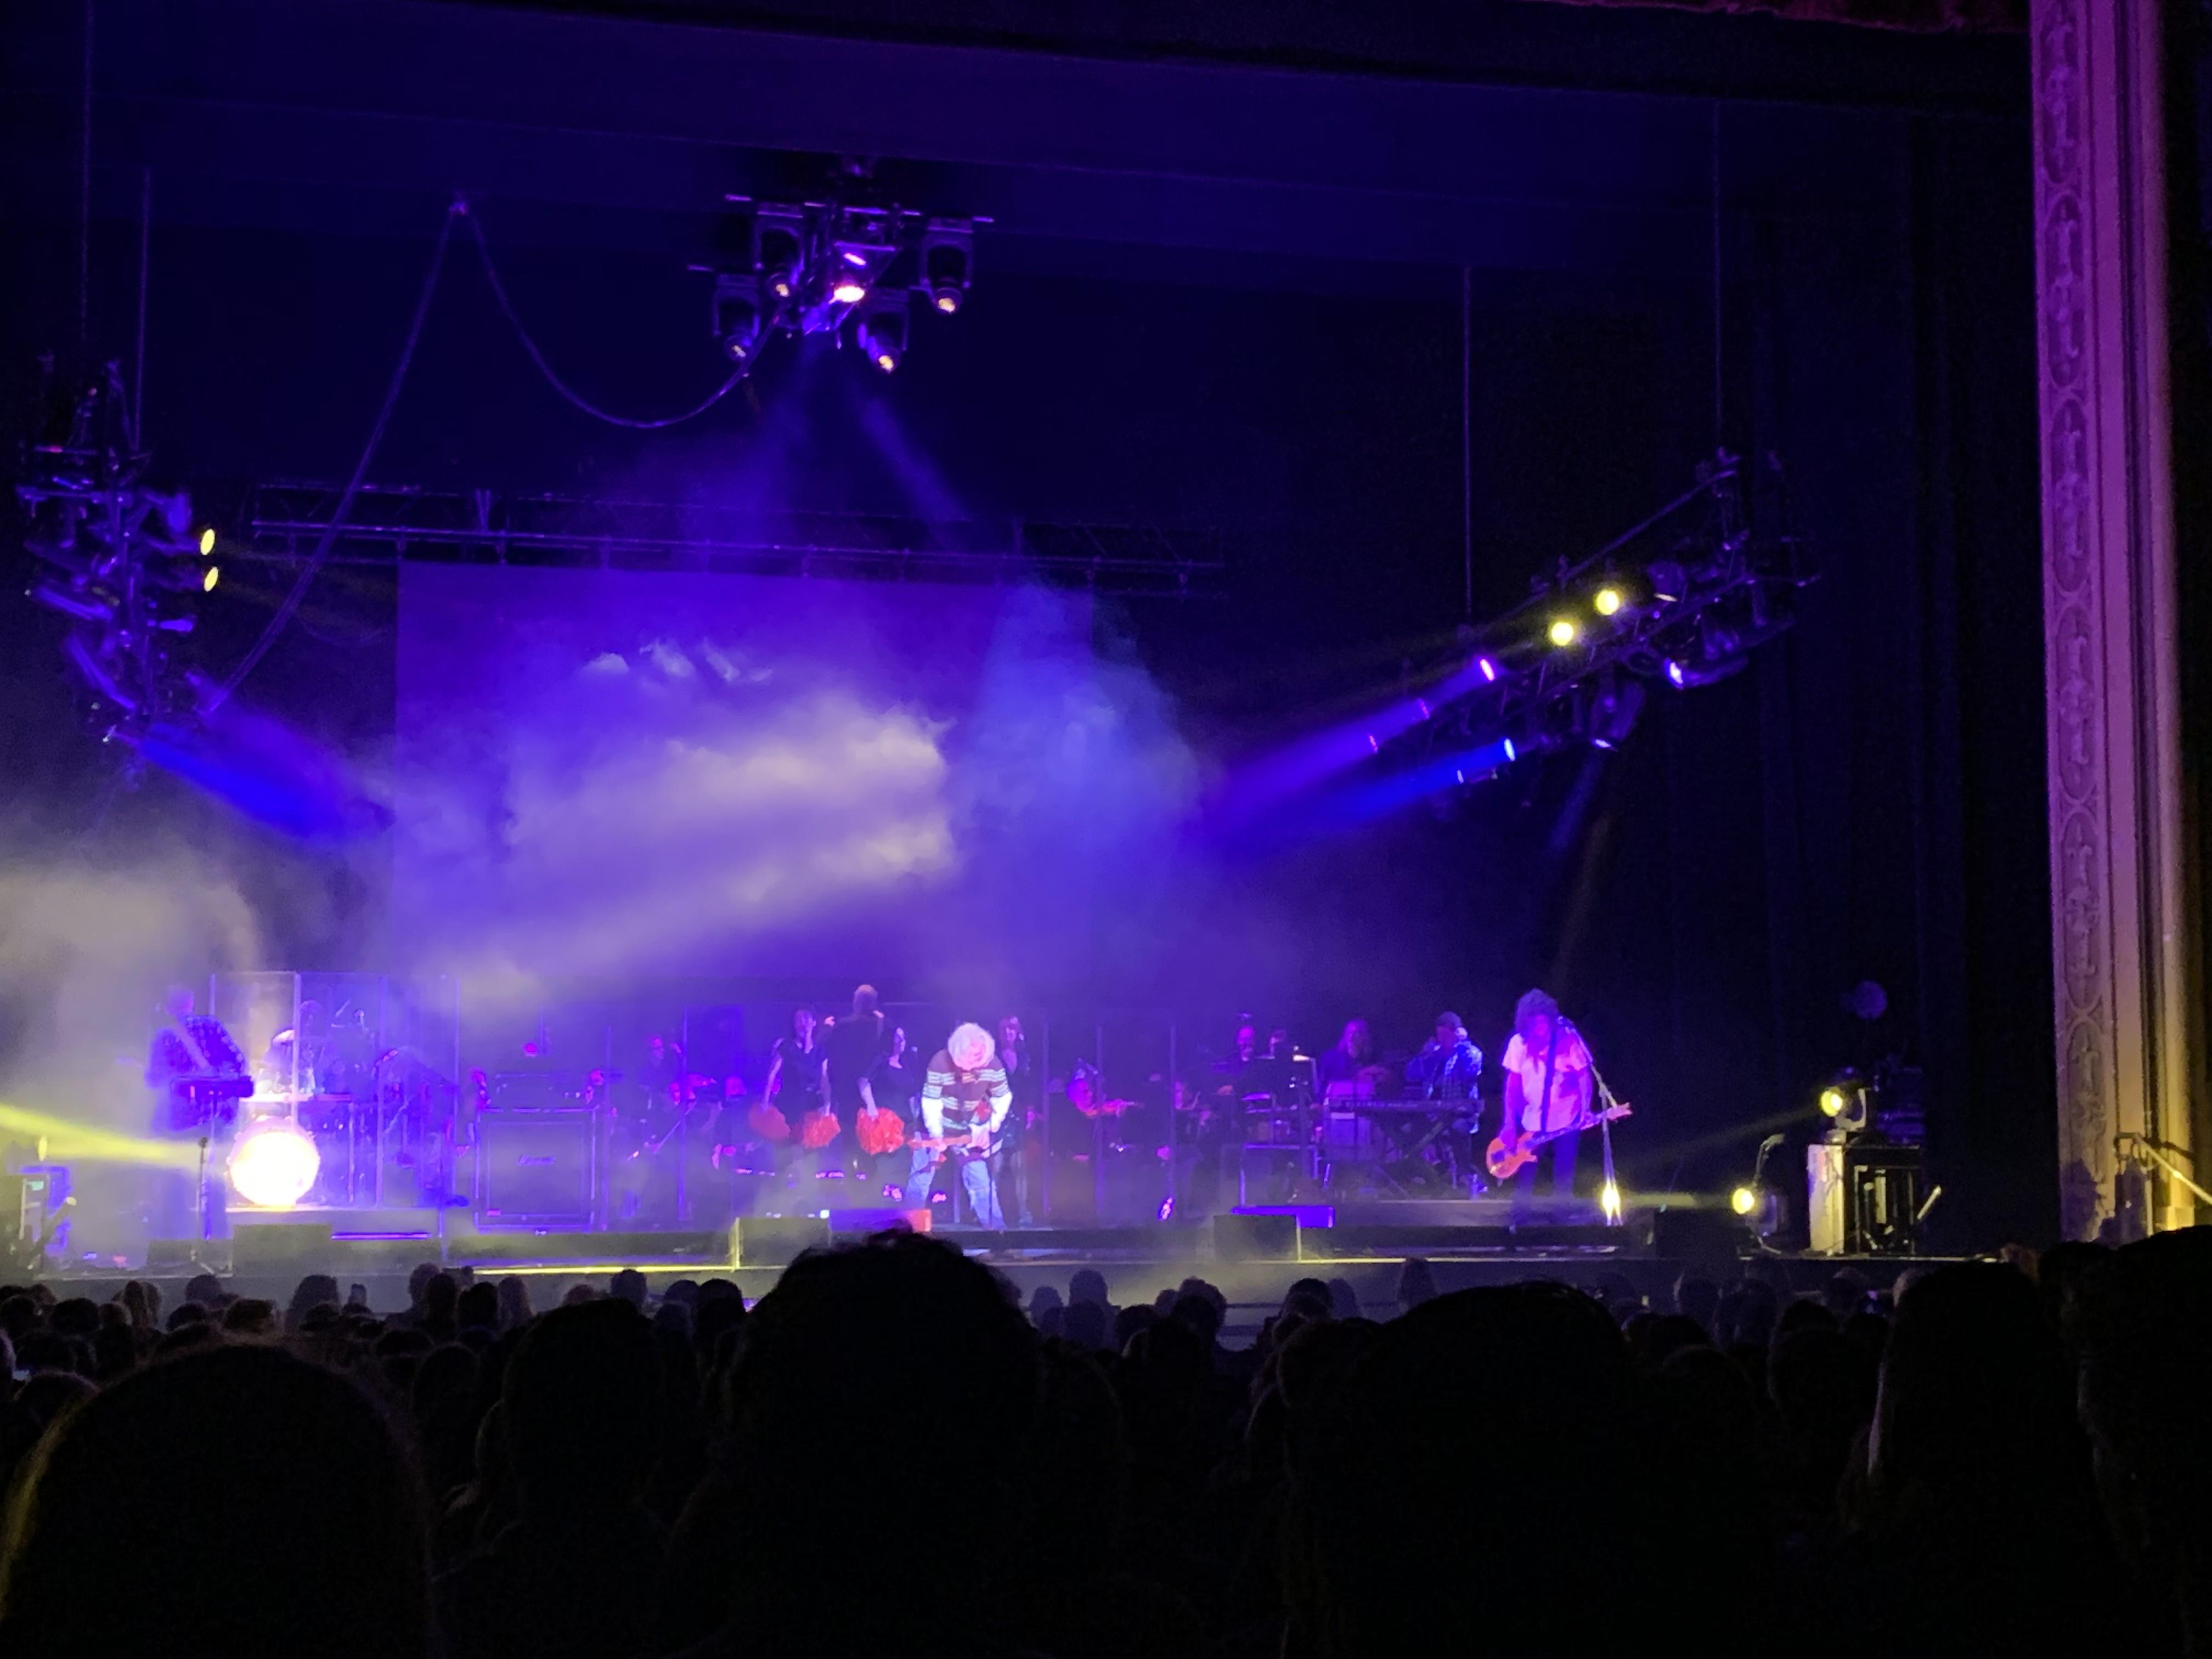 Al onstage dressed as Kurt Cobain